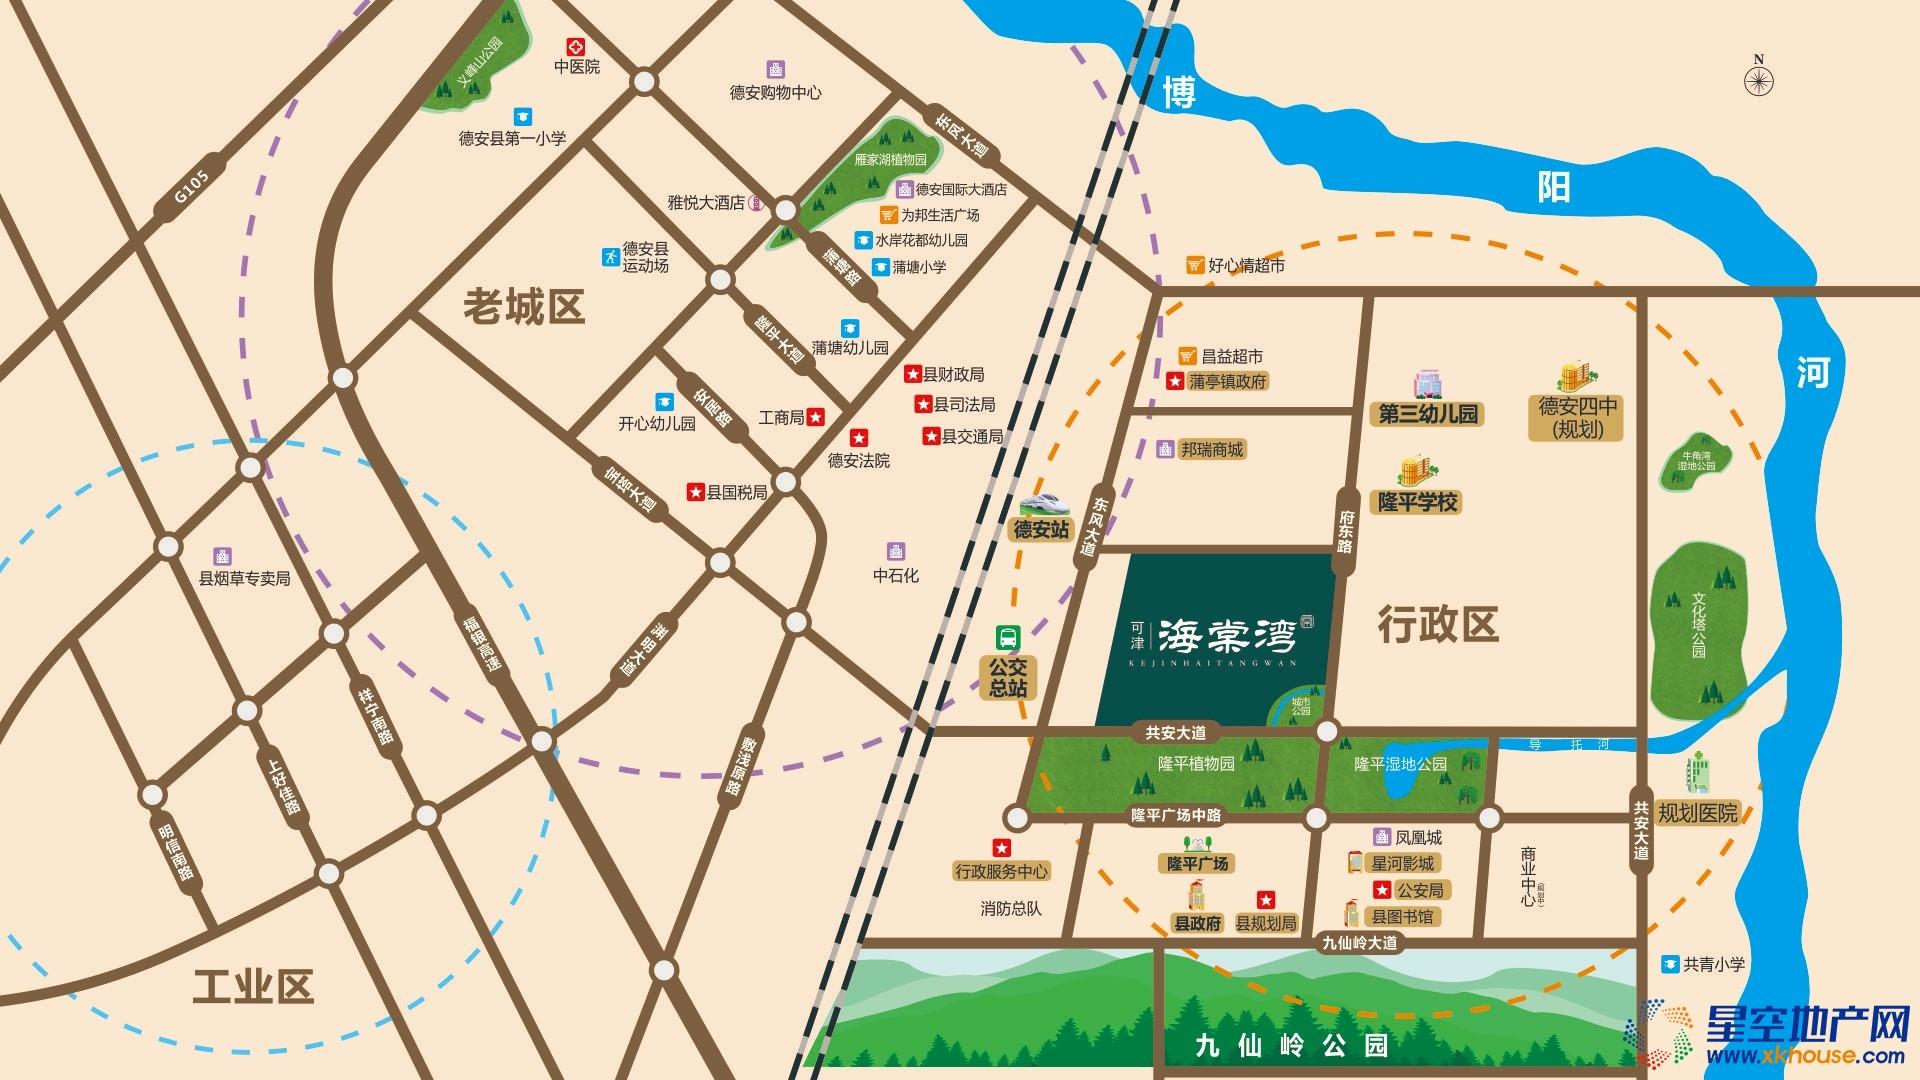 可津海棠湾交通图